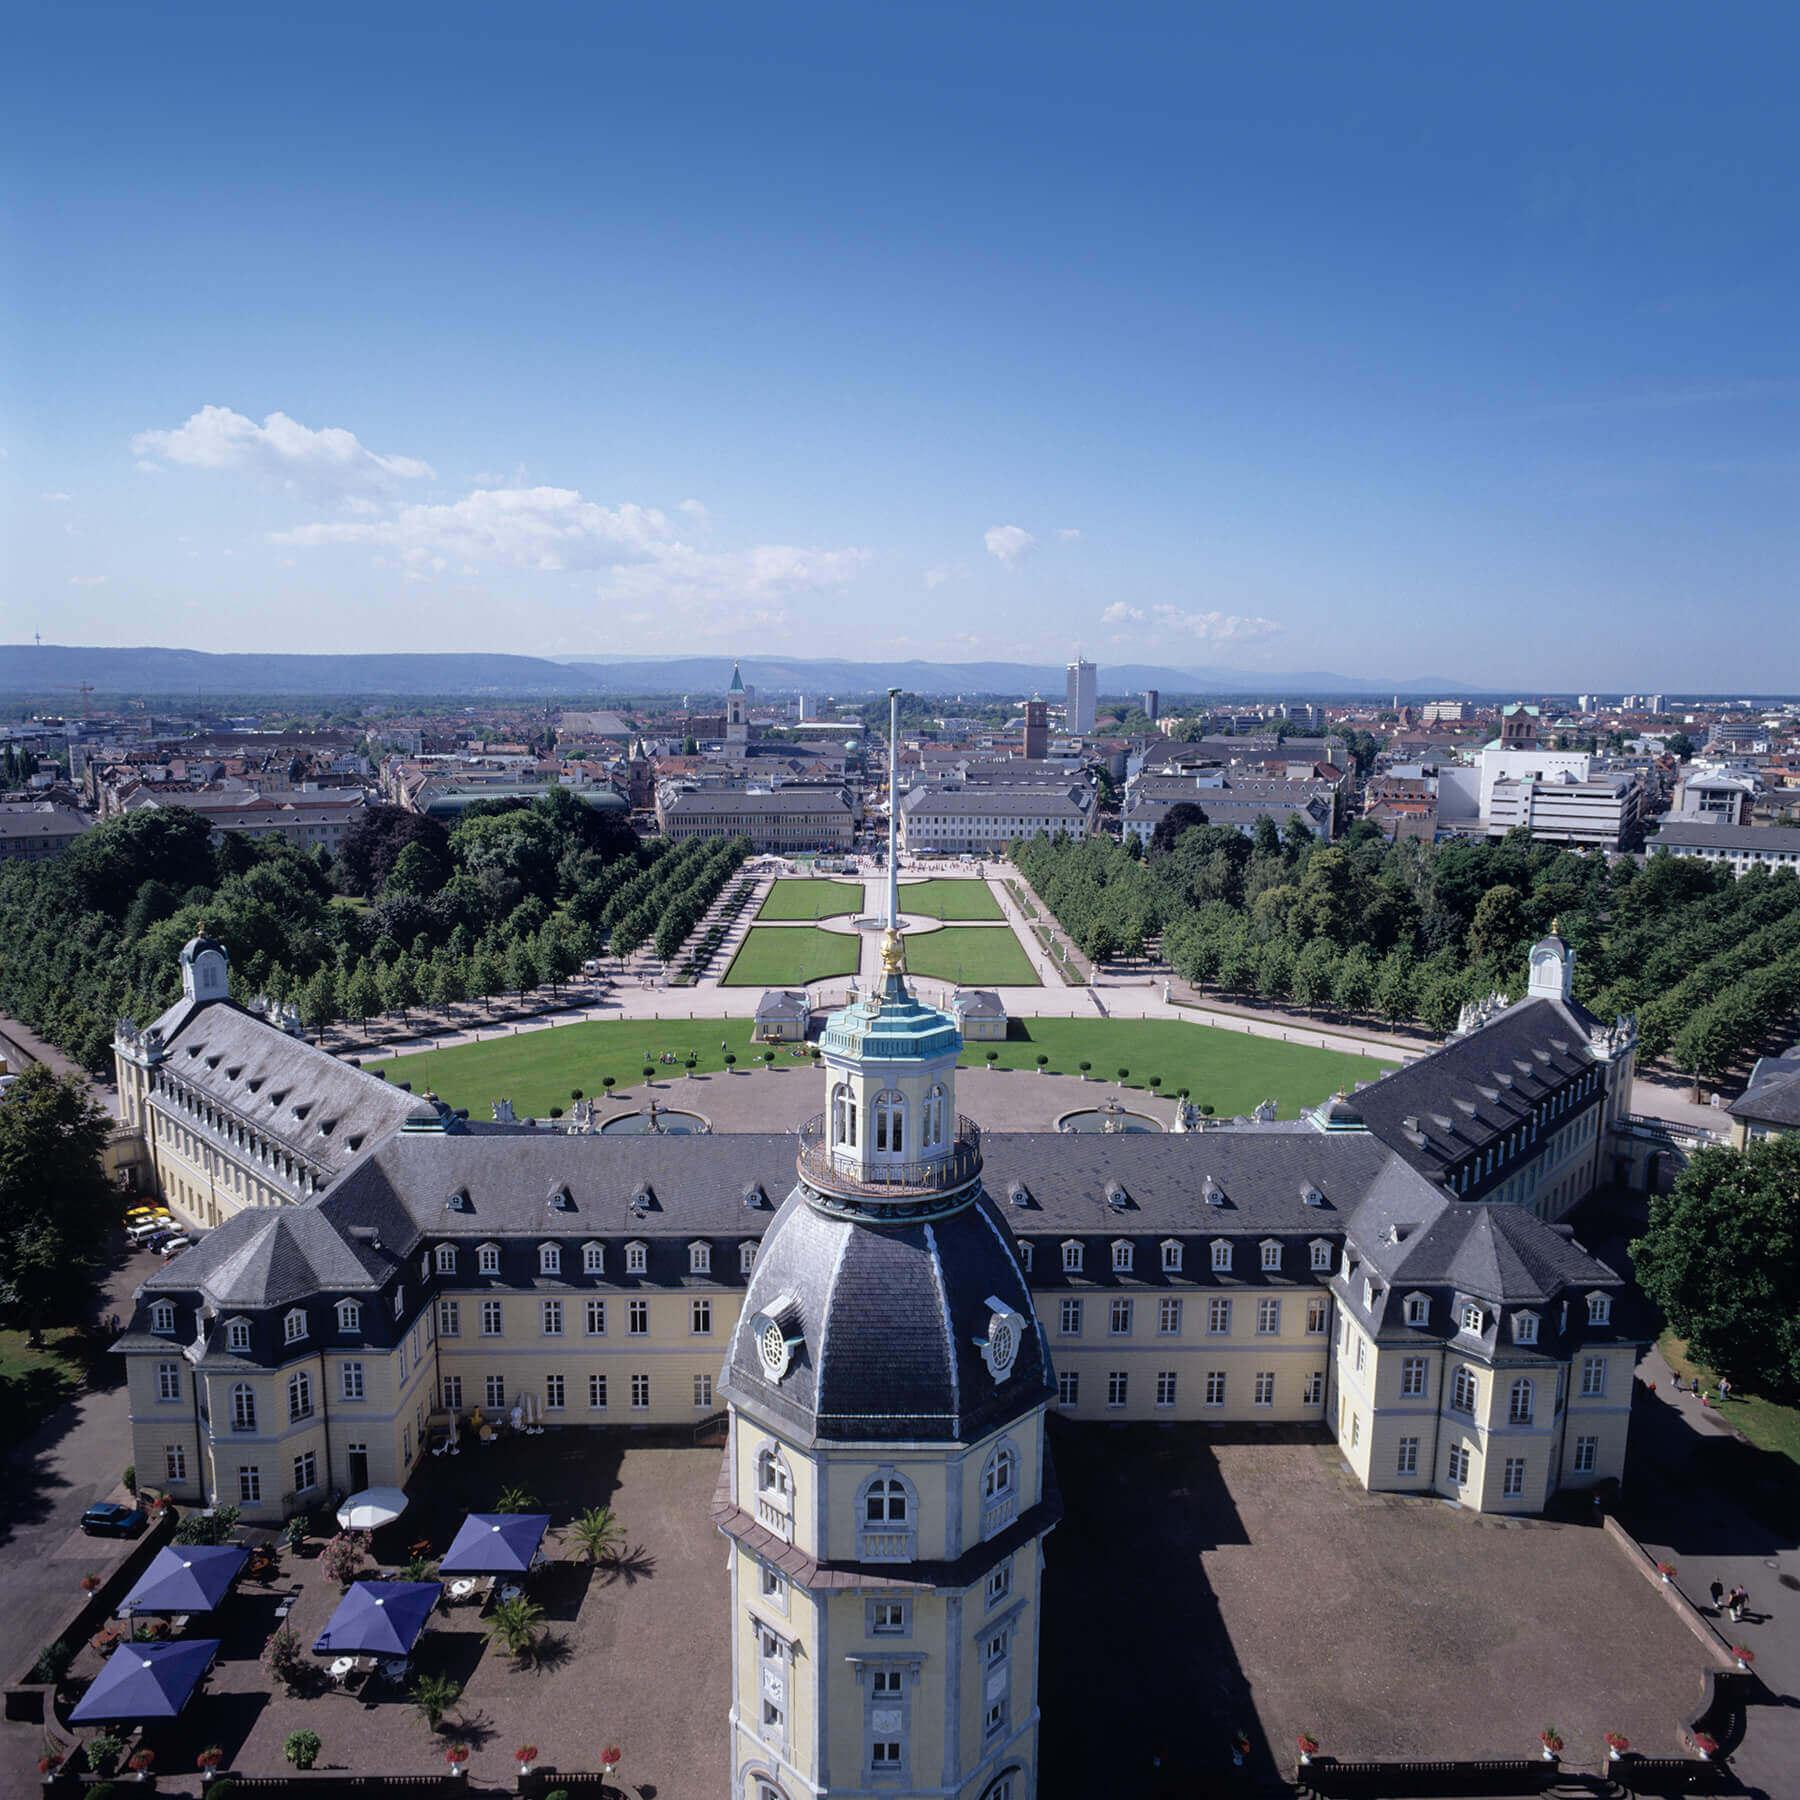 Schloss Karlsruhe mit Blick auf die Stadt